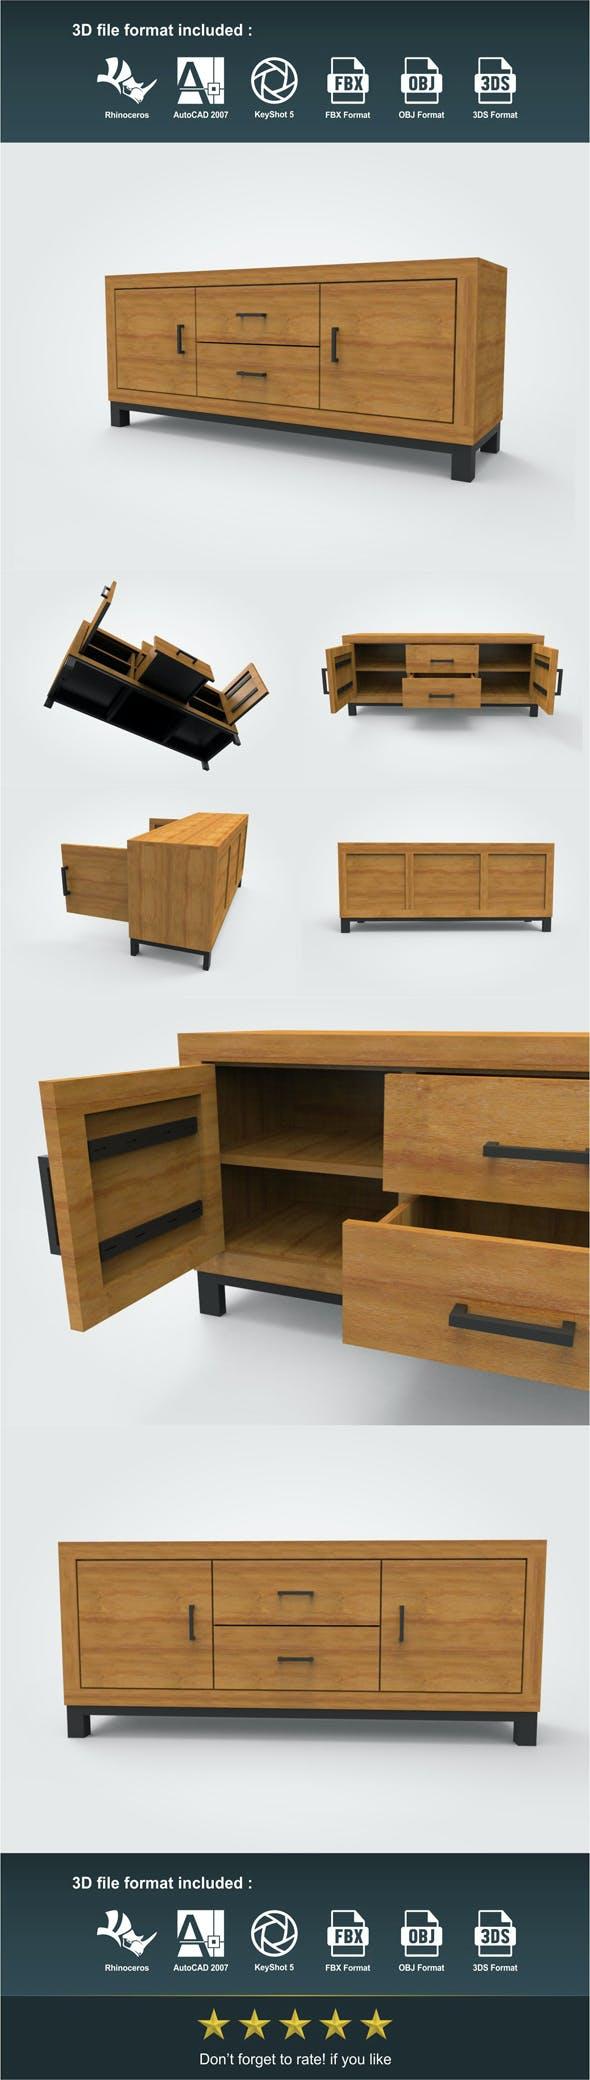 TV Lowboard - 3DOcean Item for Sale